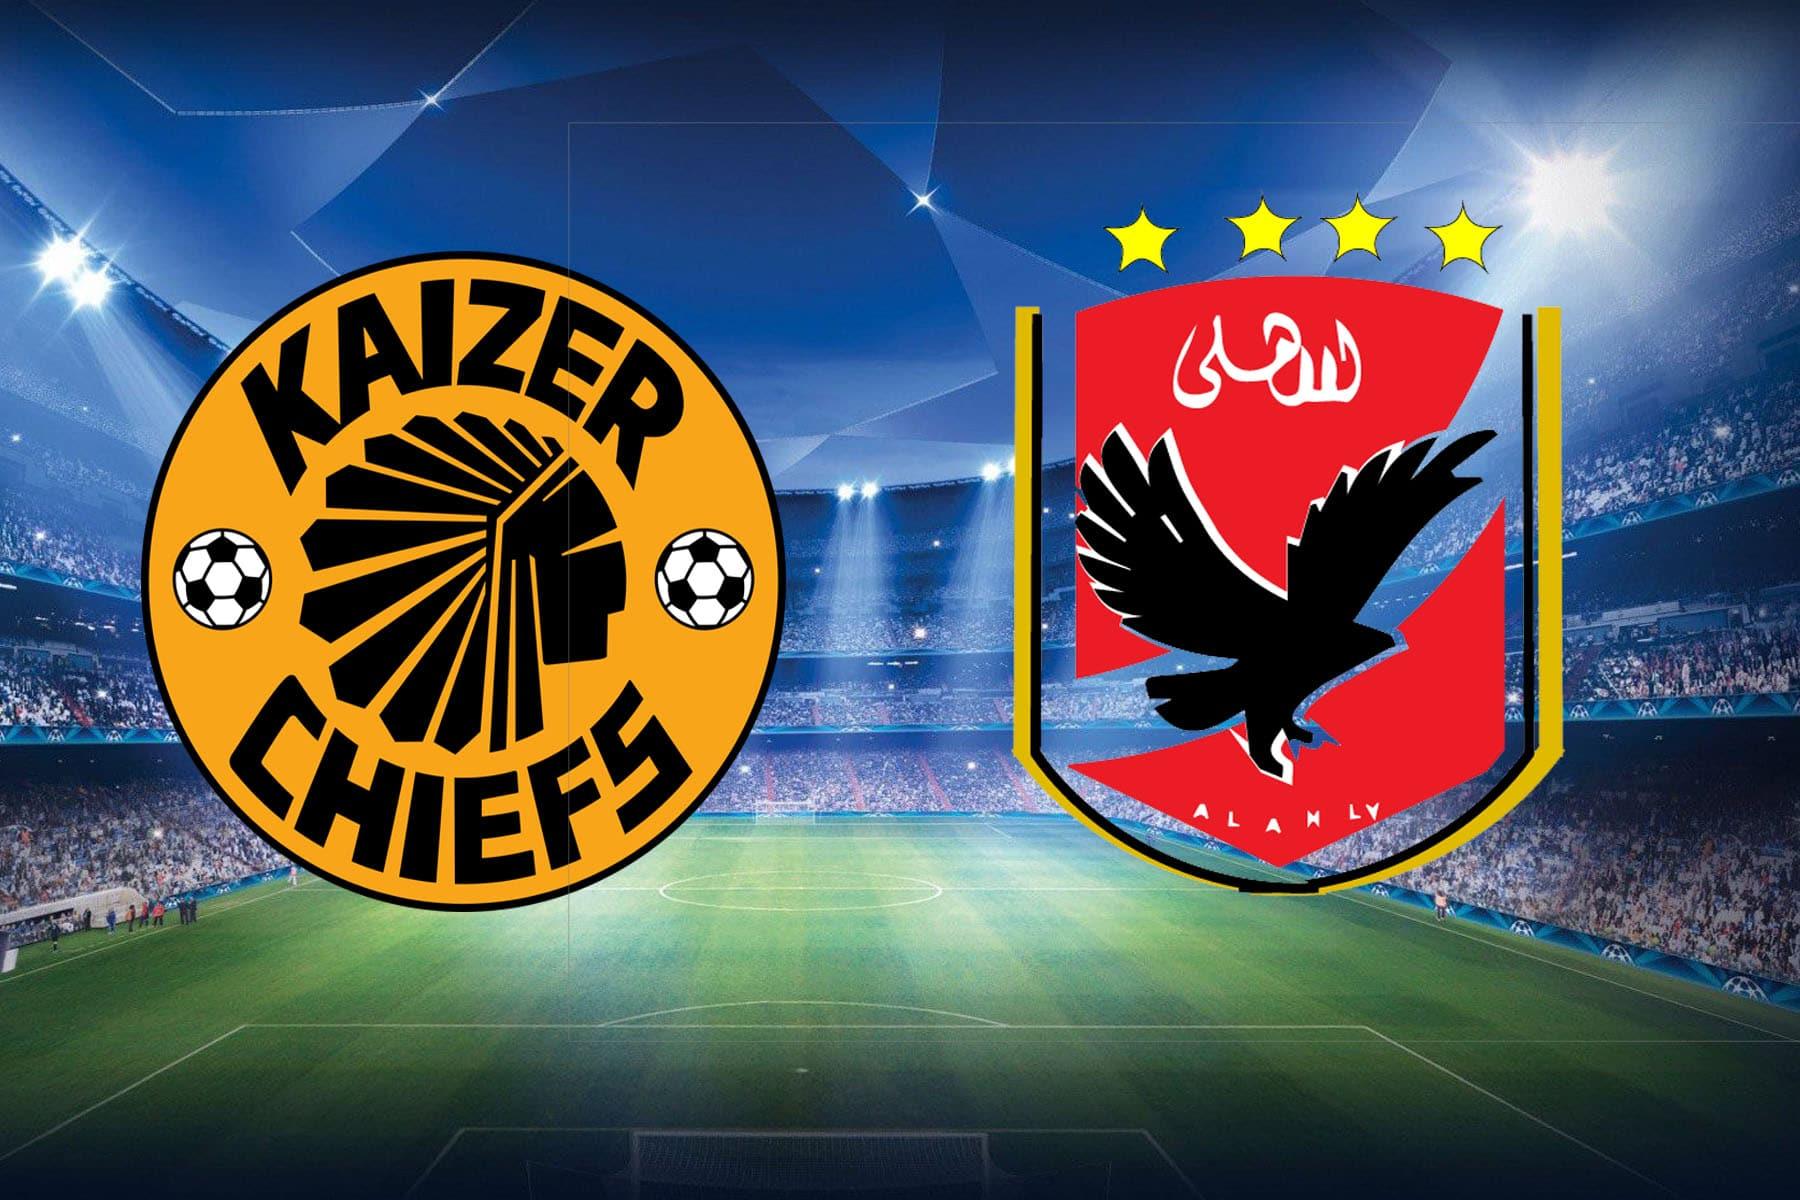 موعد مباراة الأهلي ضد كايزر تشيفز في نهائي دوري أبطال أفريقيا